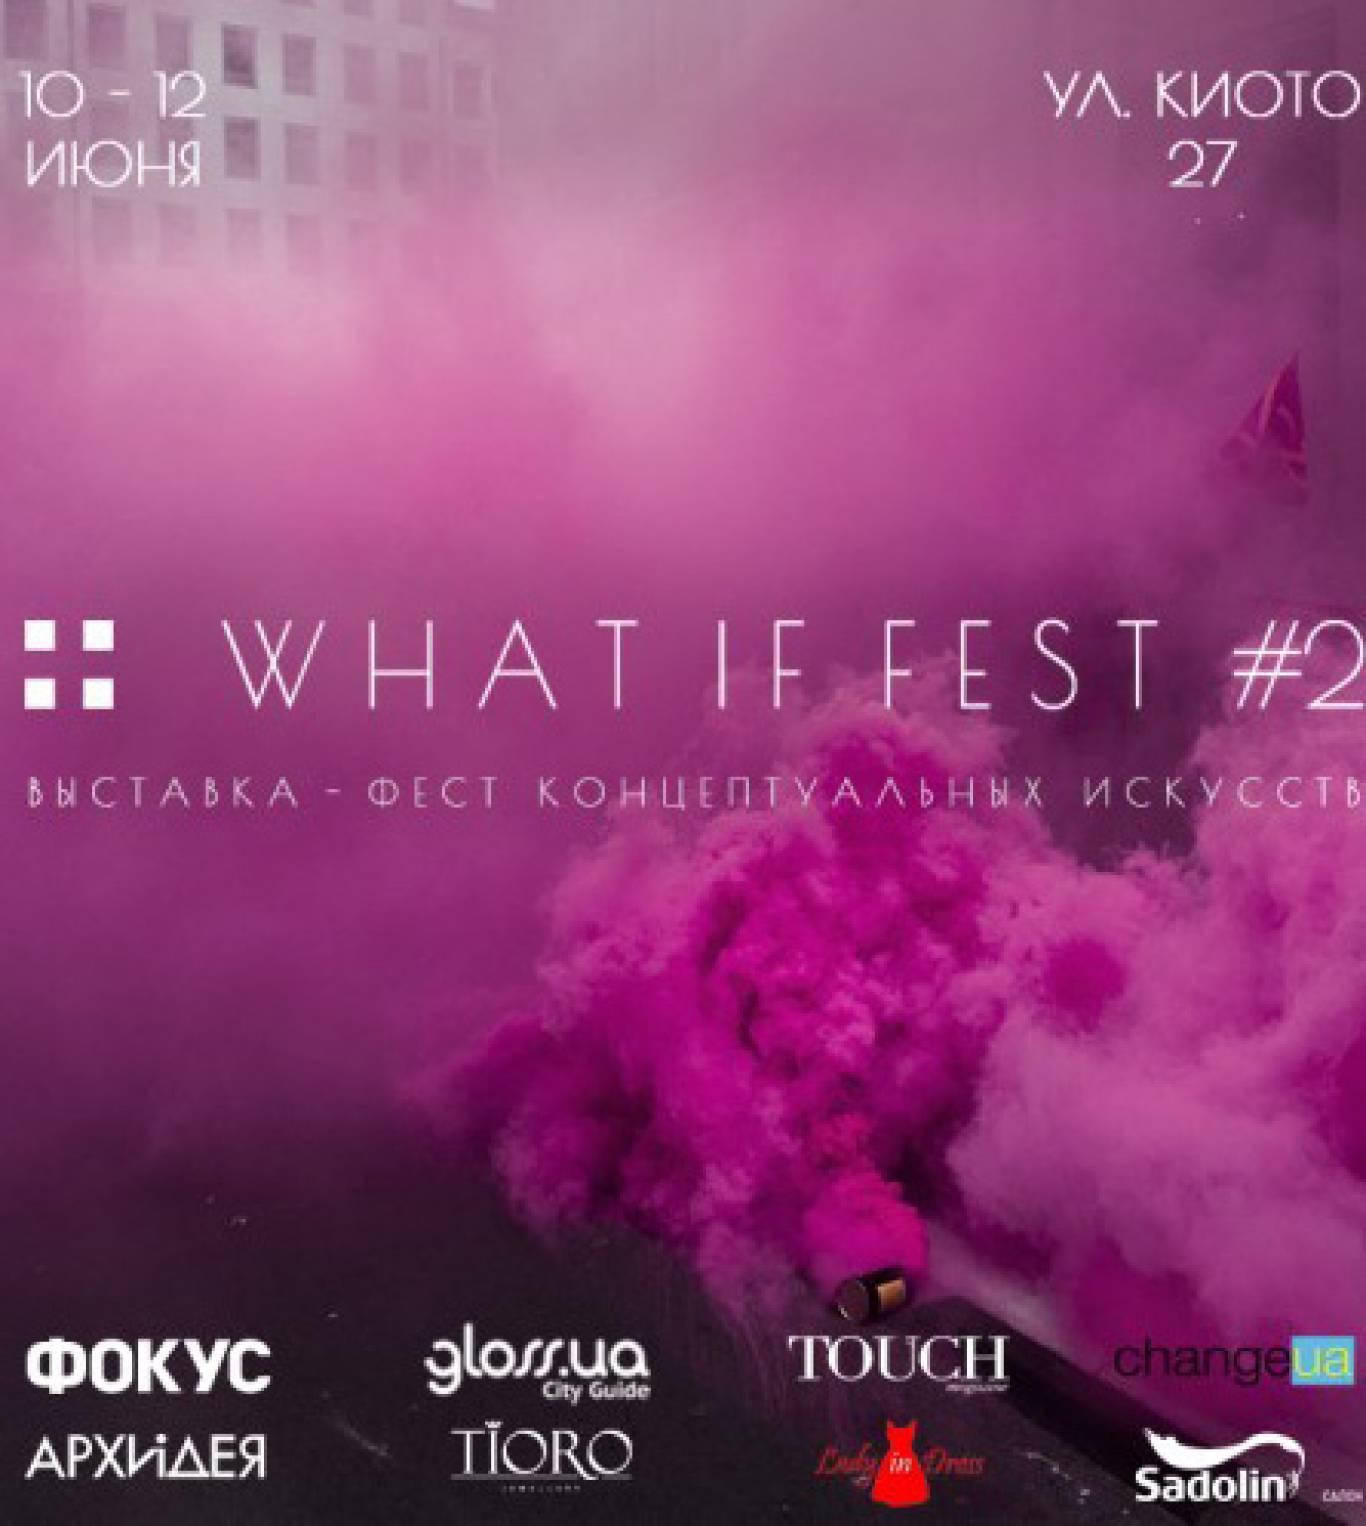 Арт-фестиваль сучасного мистецтва WHAT IF FEST #2